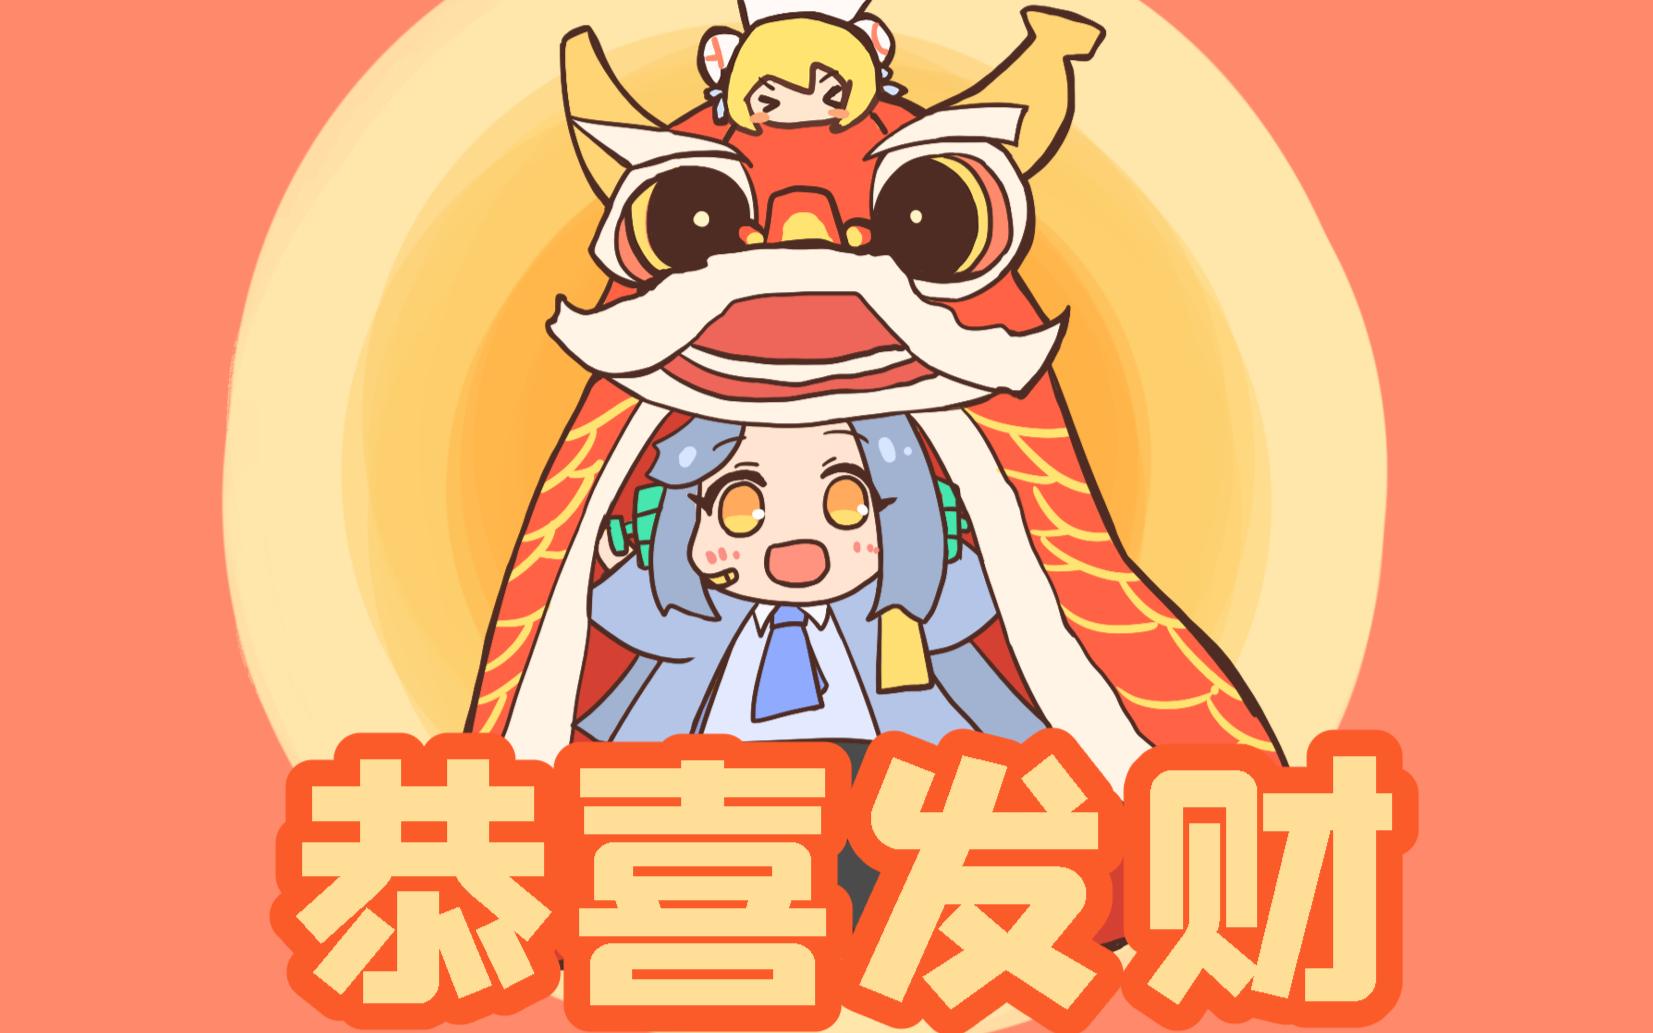 【独家音痴】千岛网络祝您恭喜发财!